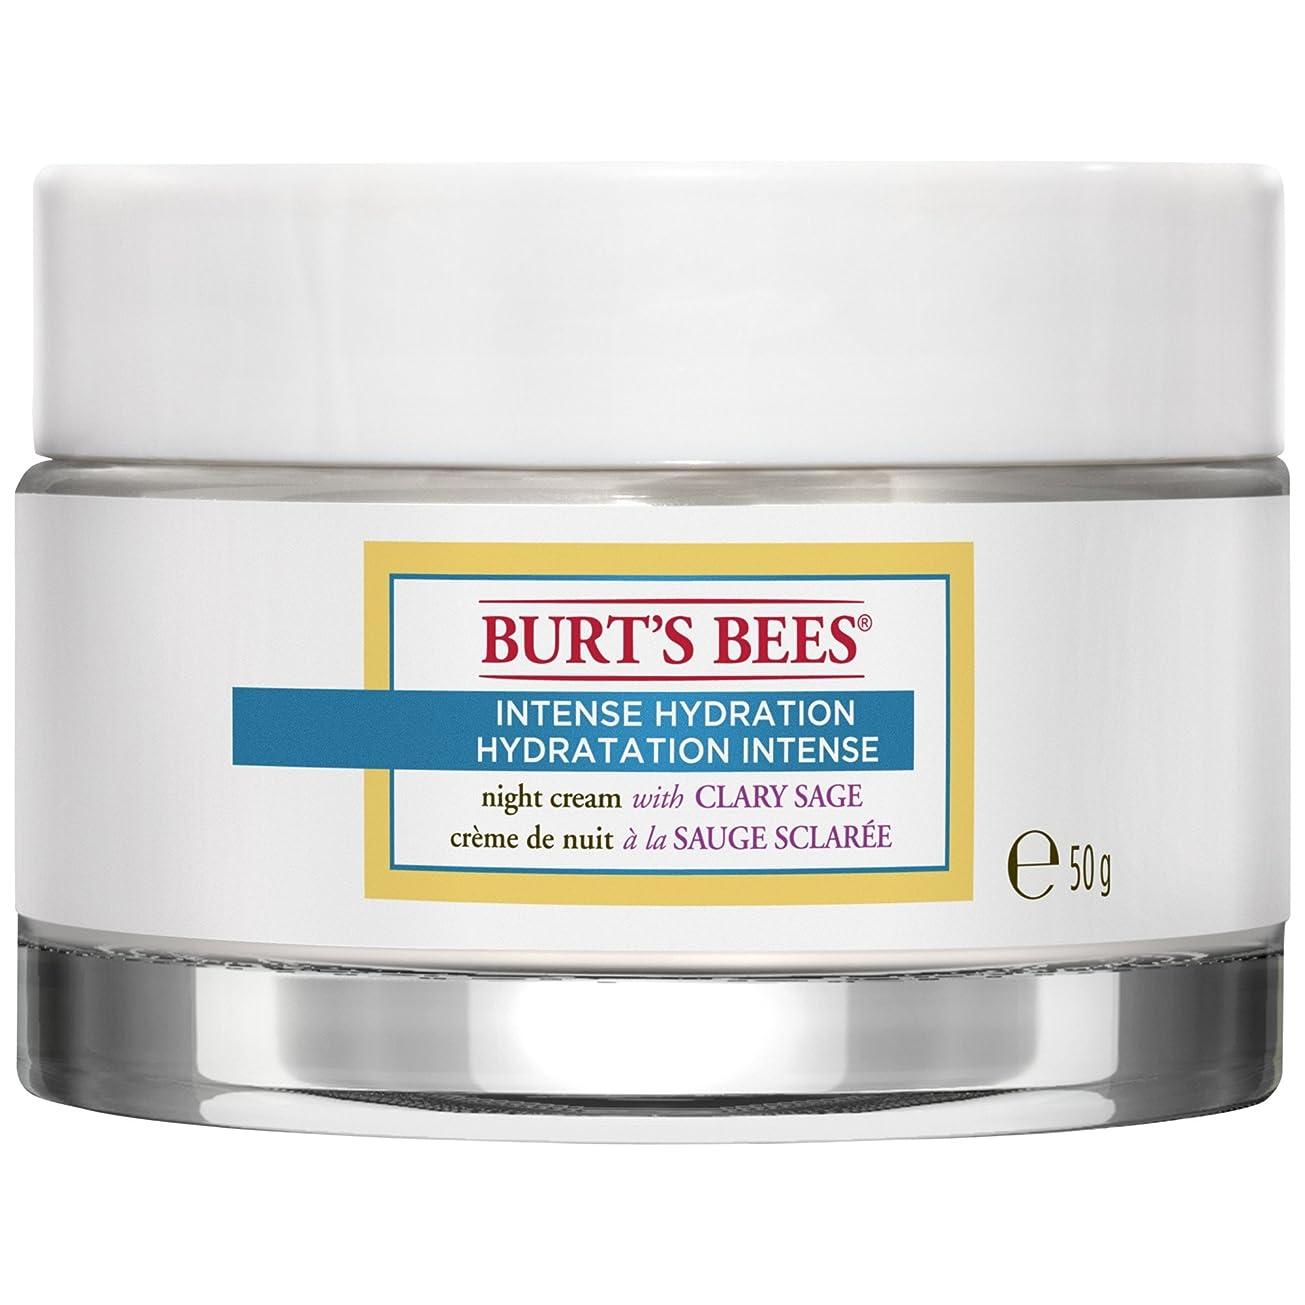 バーツビー激しい水和ナイトクリーム50グラム (Burt's Bees) - Burt's Bees Intense Hydration Night Cream 50g [並行輸入品]